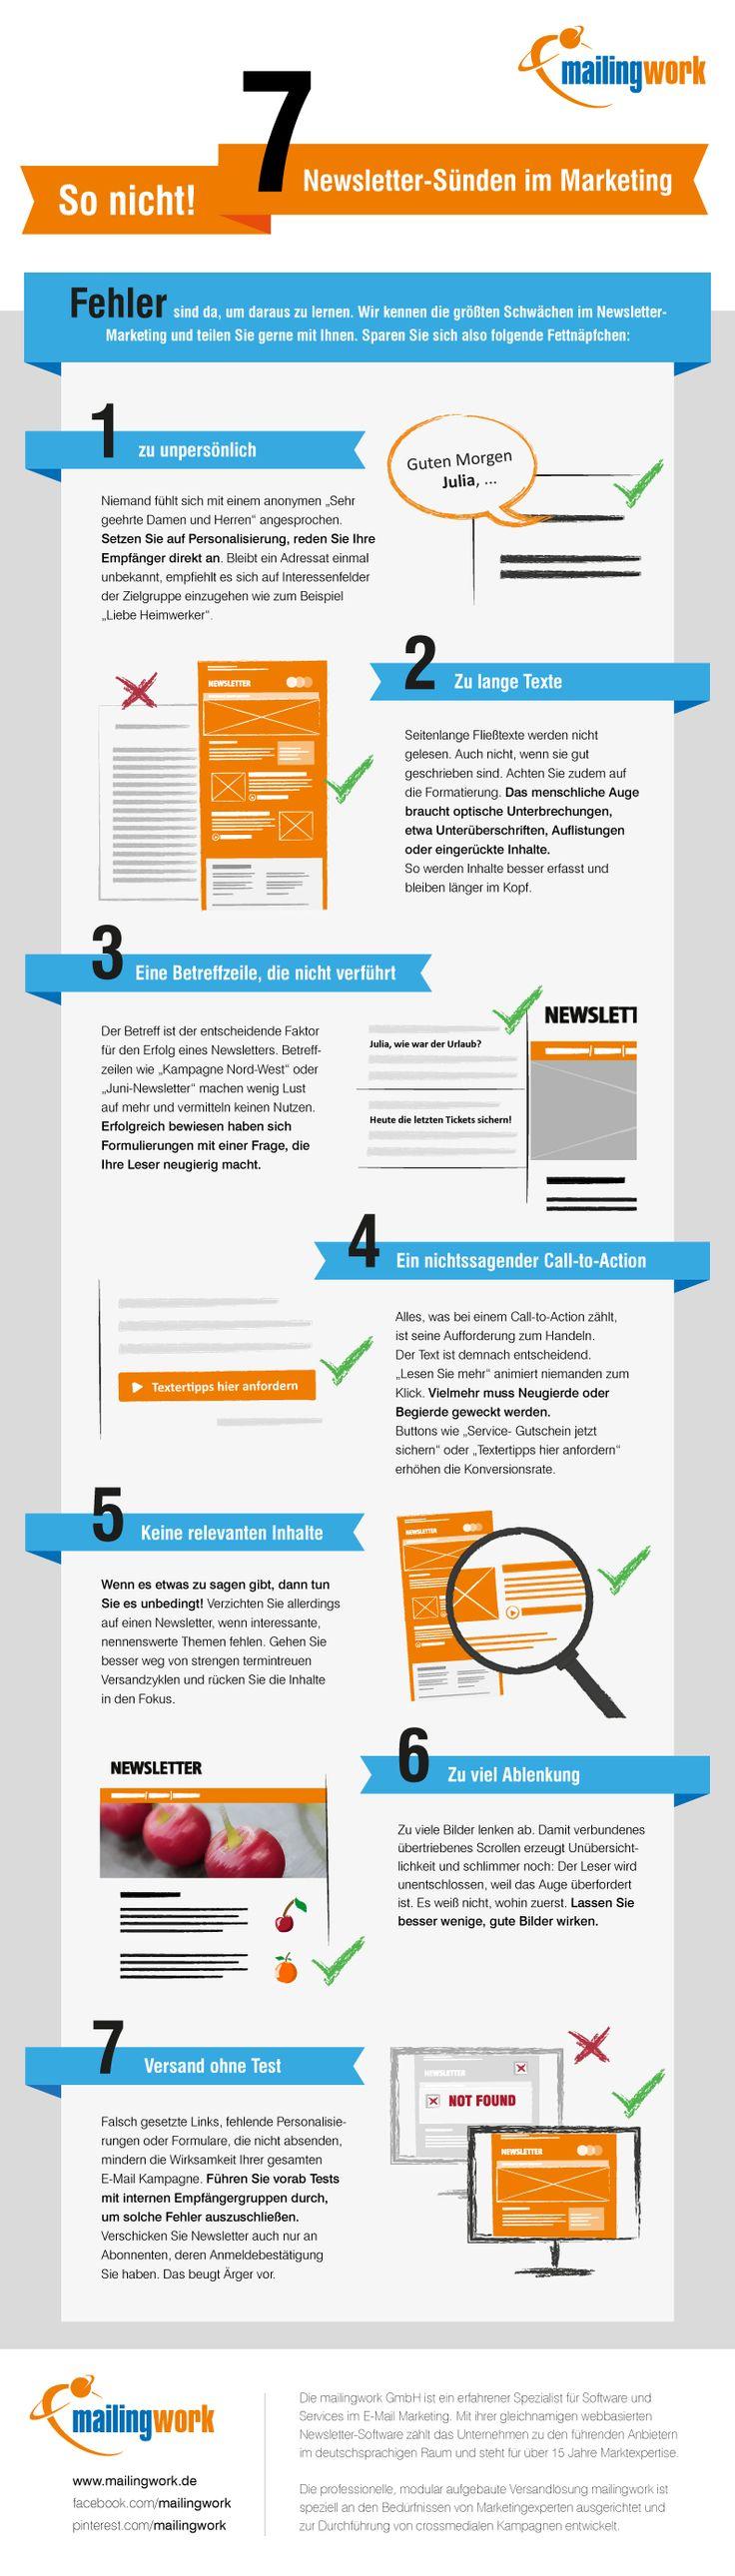 7 beliebte Fehler beim Newsletter verschicken. #emailmarketing